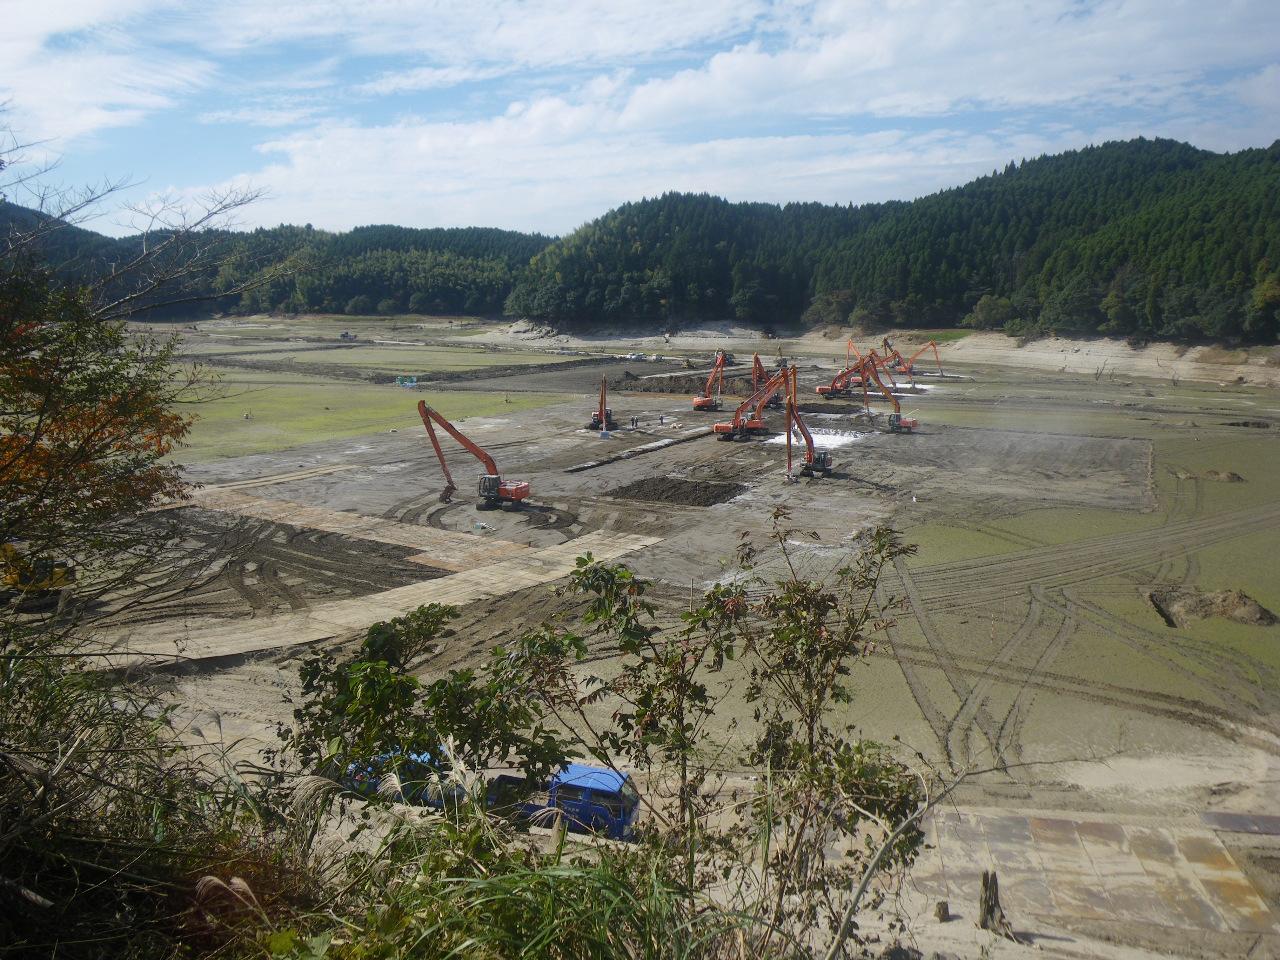 ダムの堆砂問題と浚渫による堆砂対策